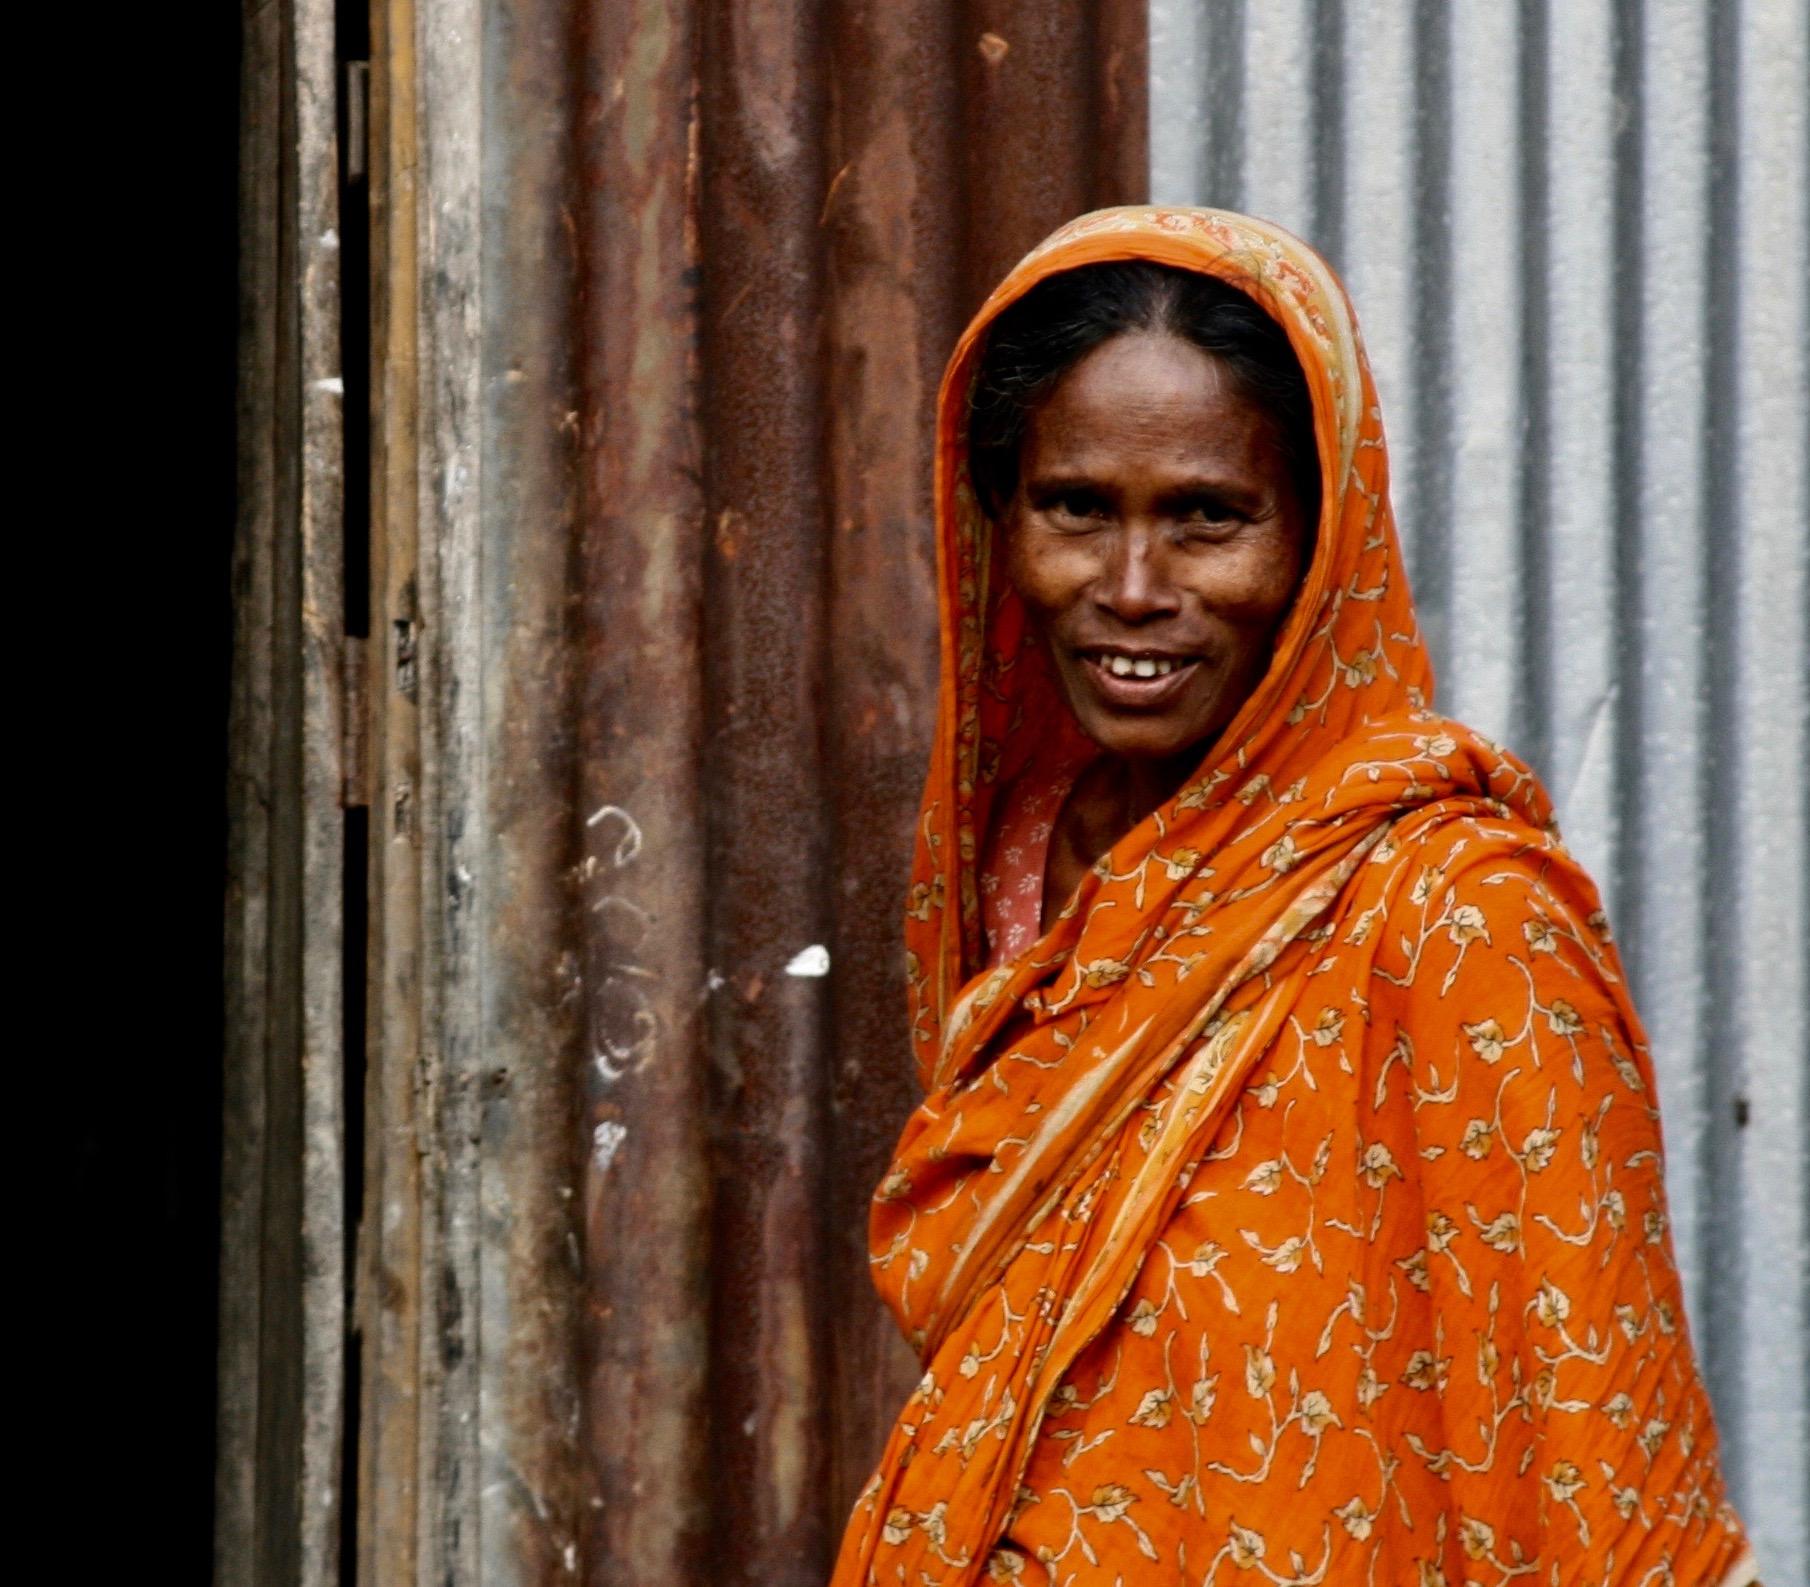 People-Woman in Orange.jpg